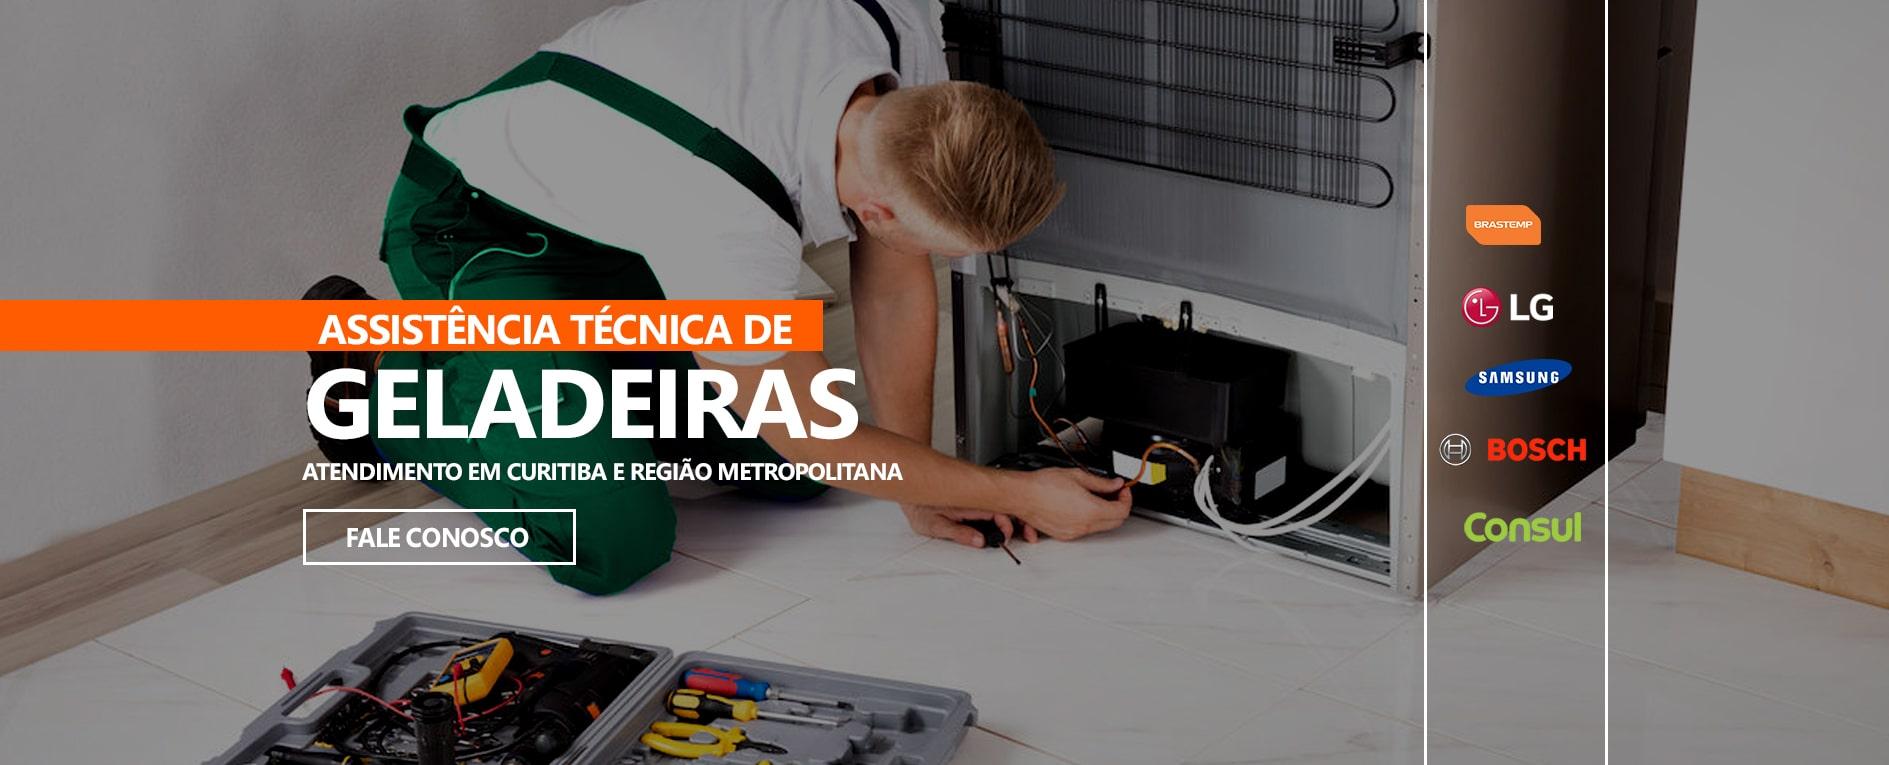 CONSERTO DE GELADEIRA E FREEZER EM CURITIBA